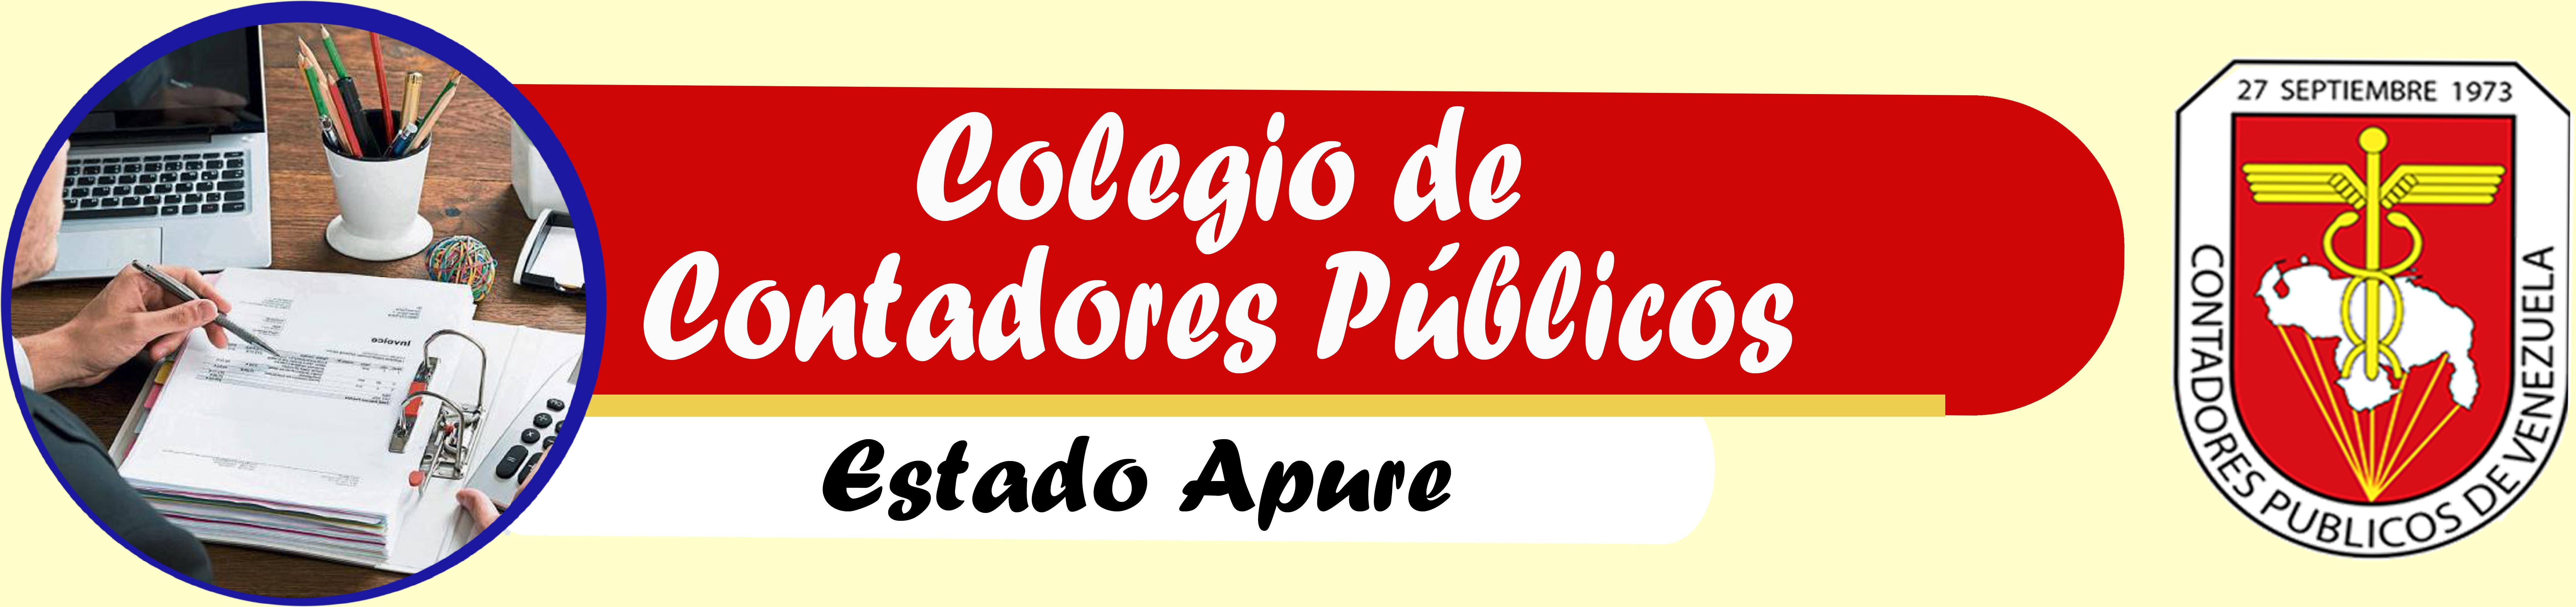 Colegio de Contadores del Estado Apure